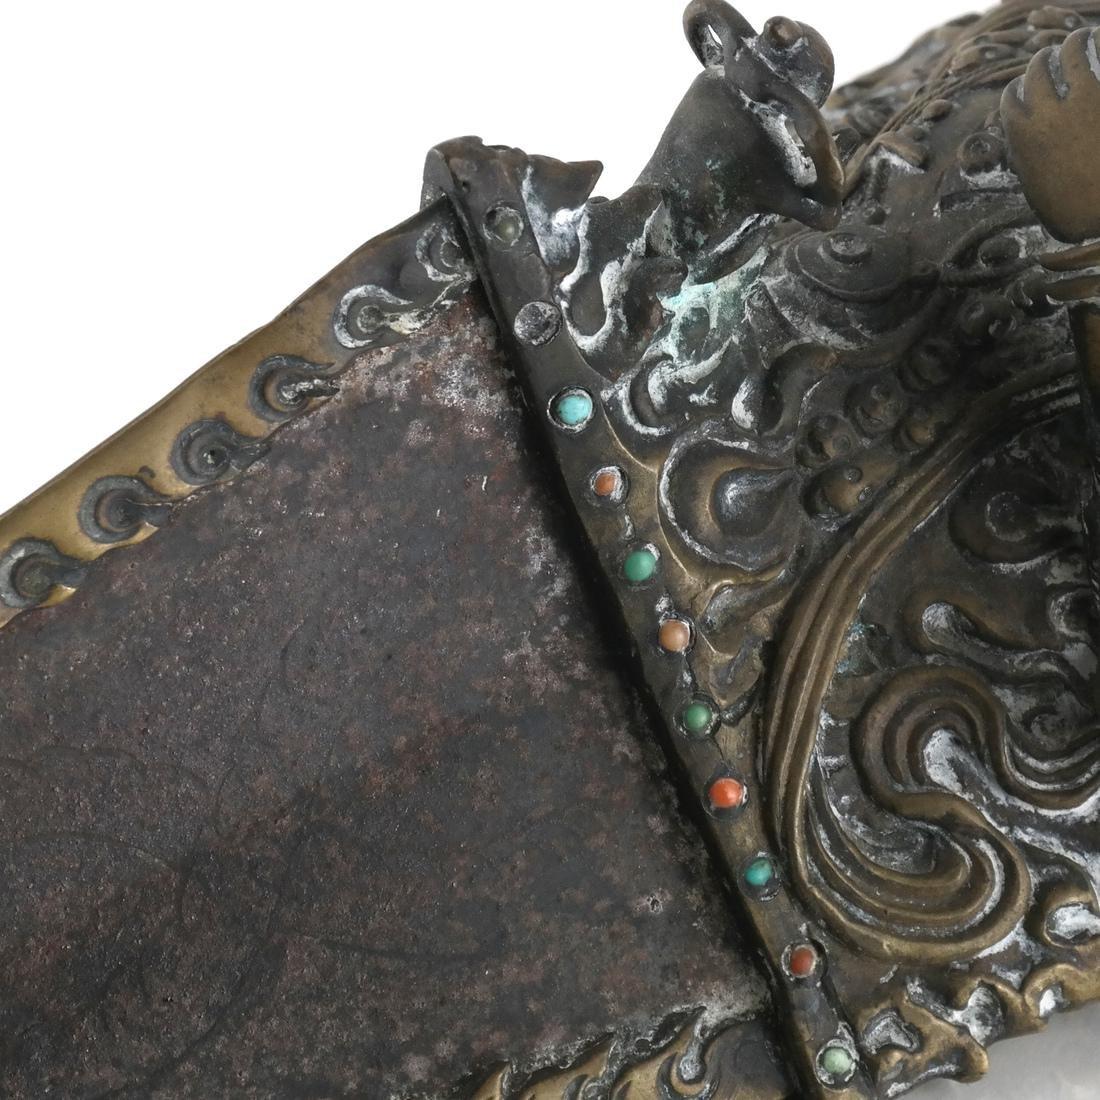 Northern Indian/Tibetan Sculptural Object - 3